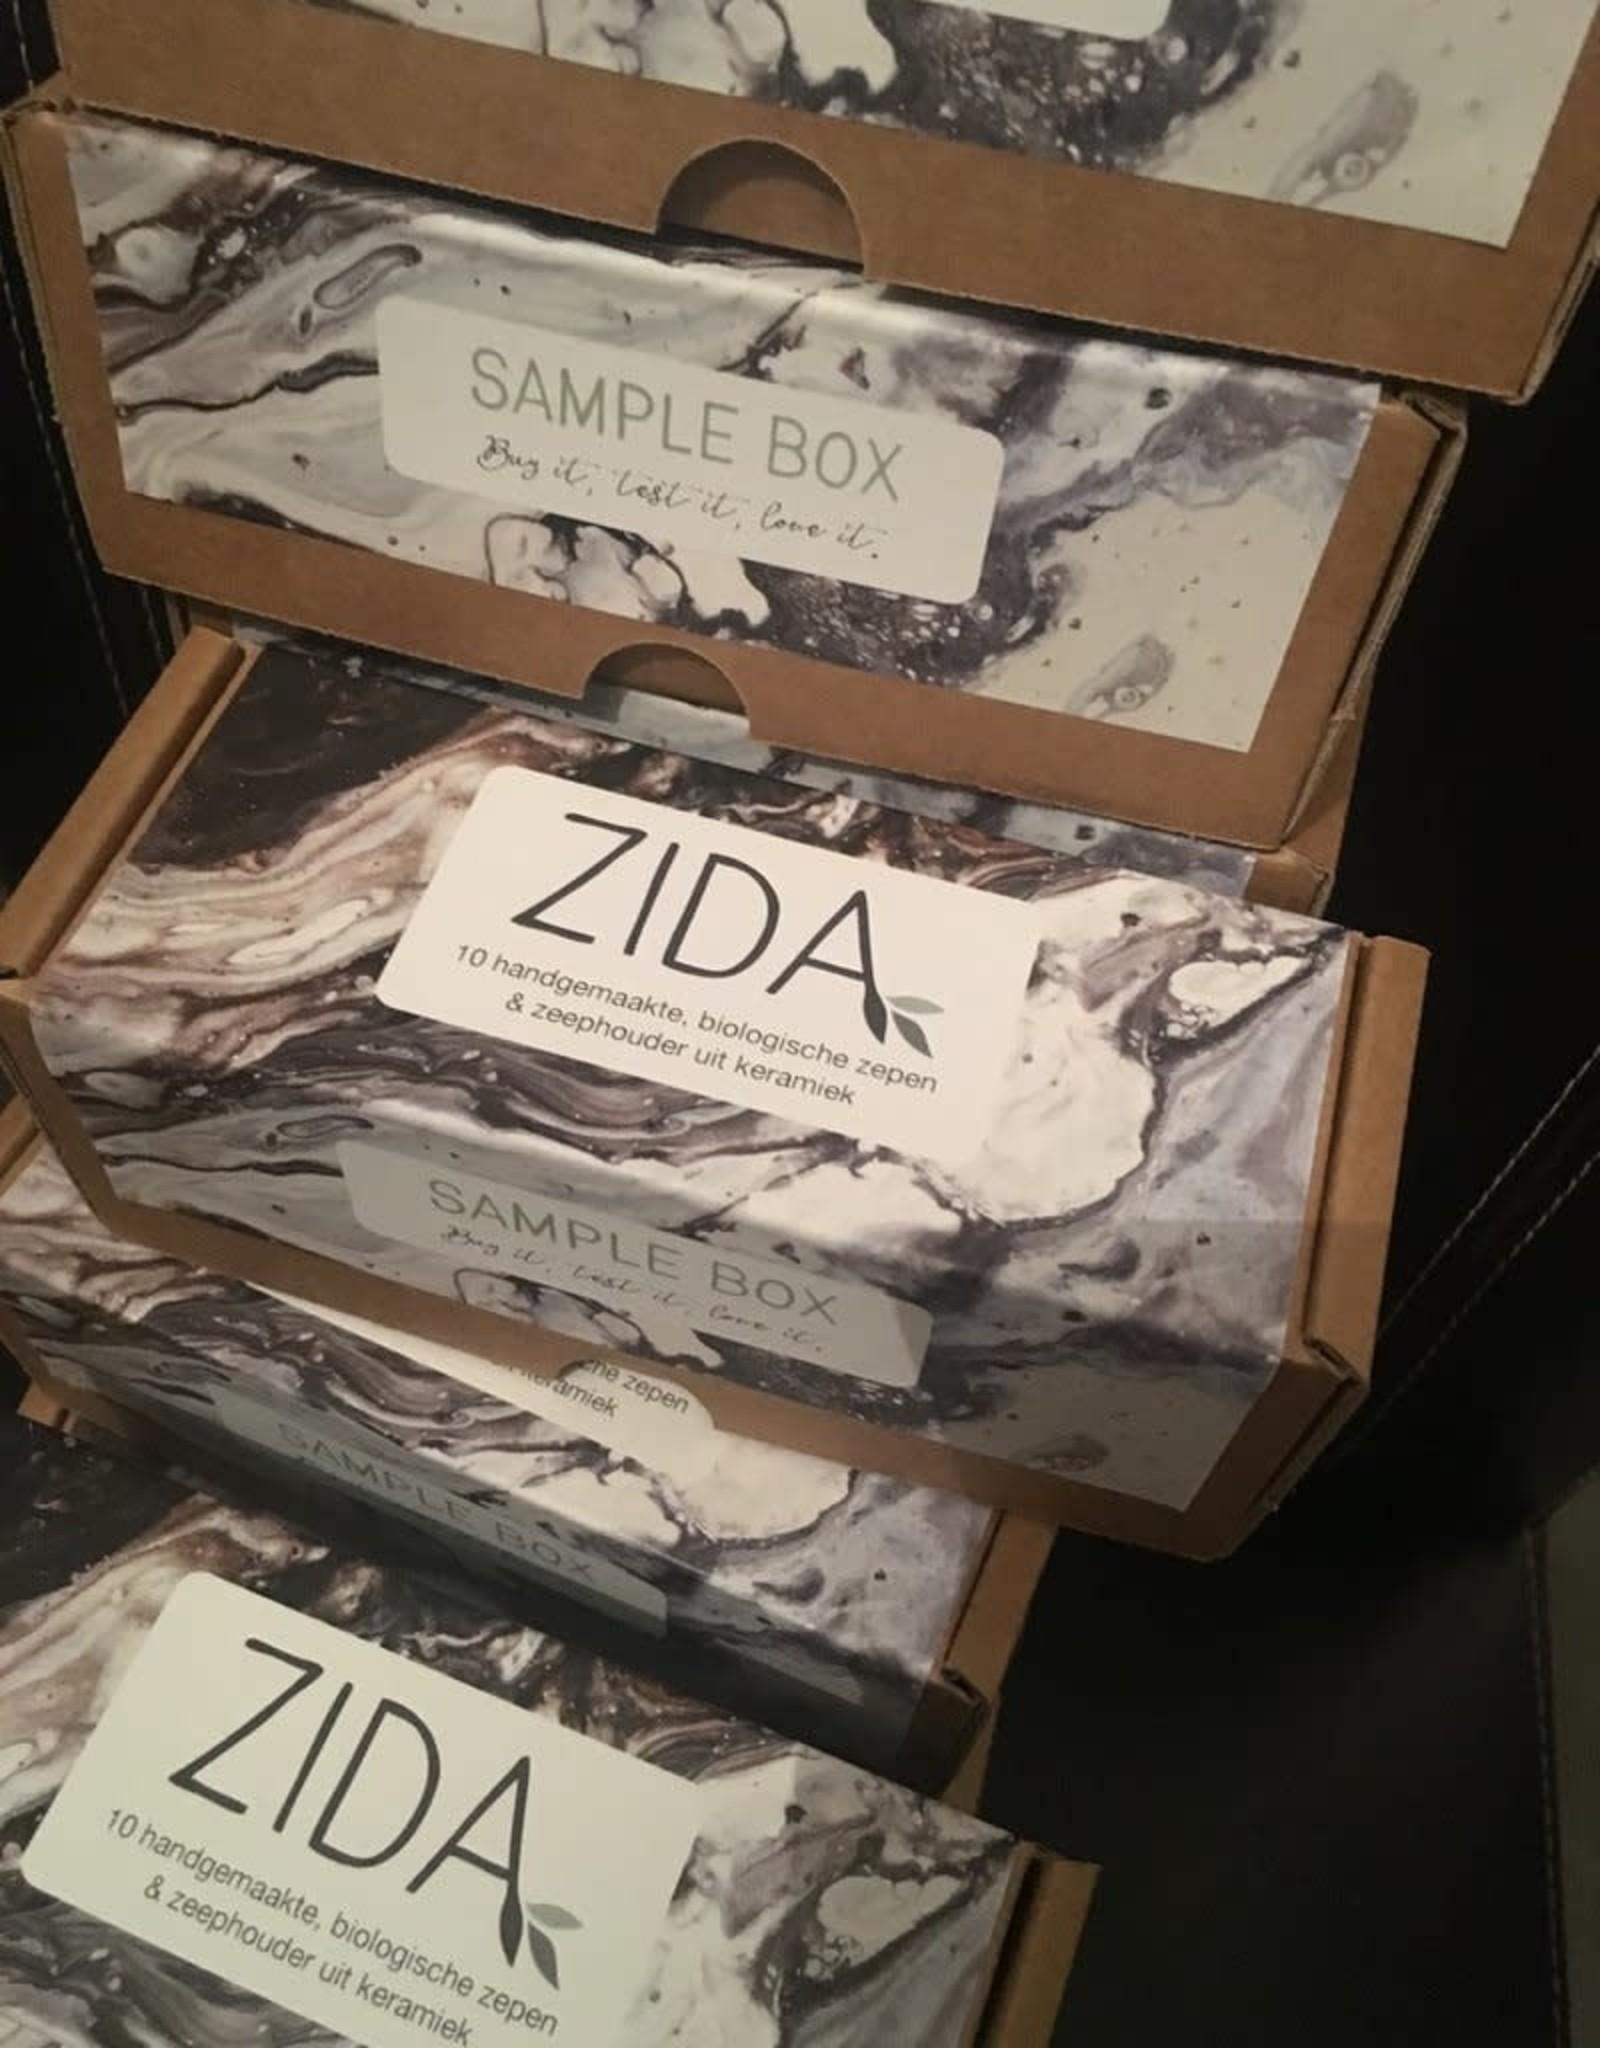 Zida Mix van zepen - Sample Box